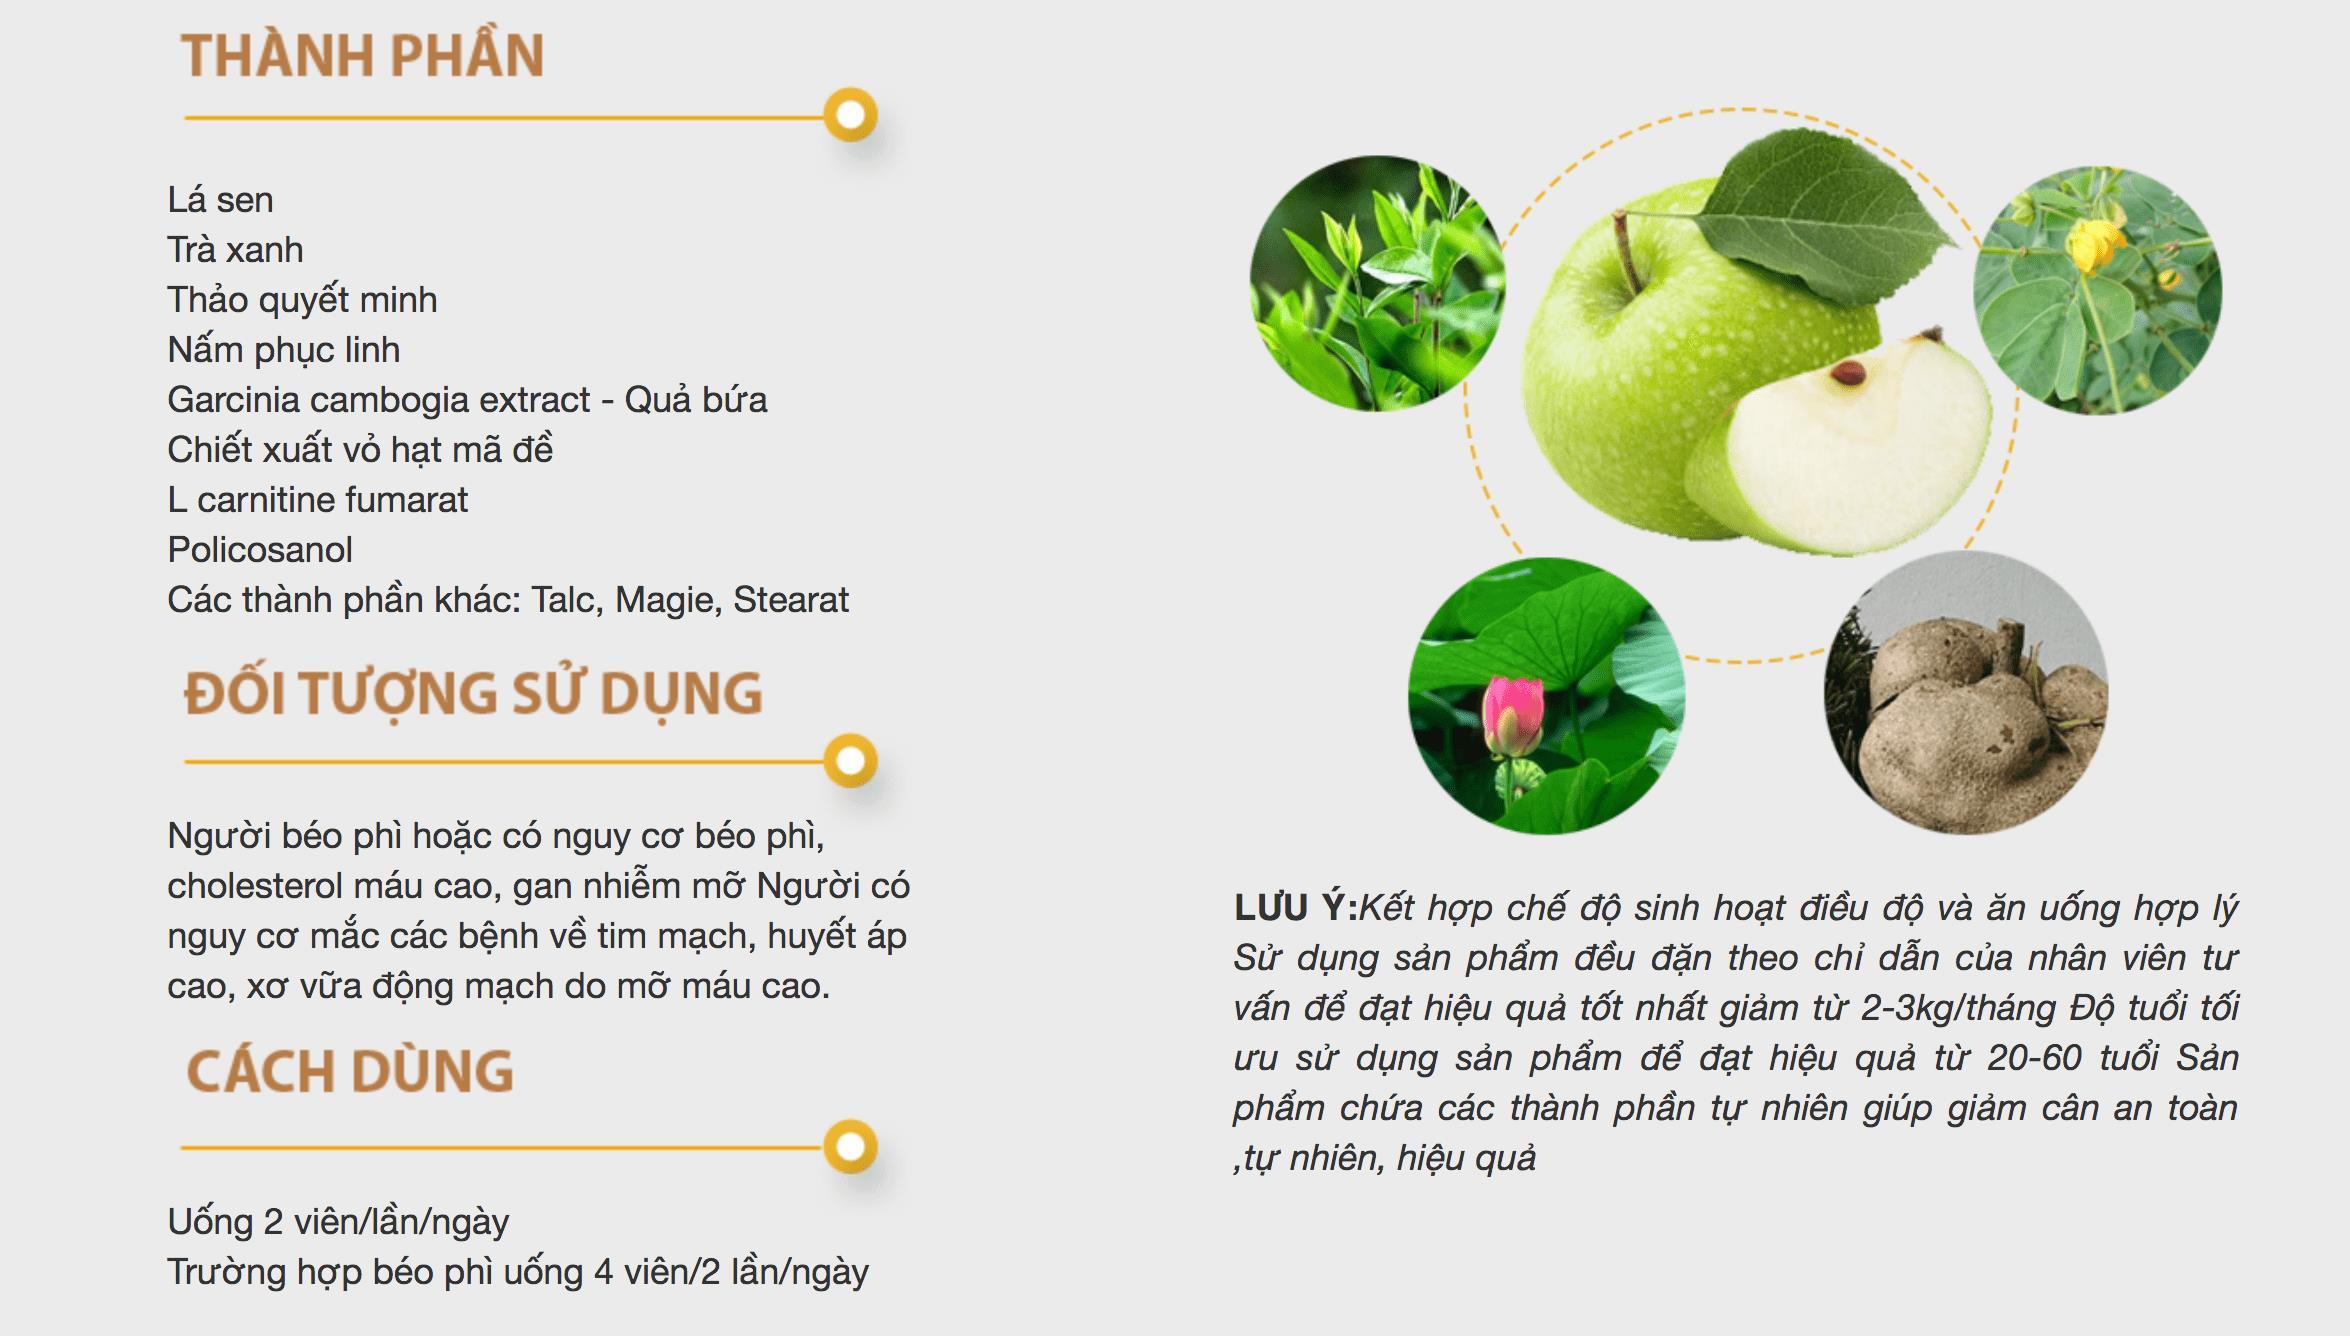 Thành phần cách dùng giảm cân Hoa Bảo